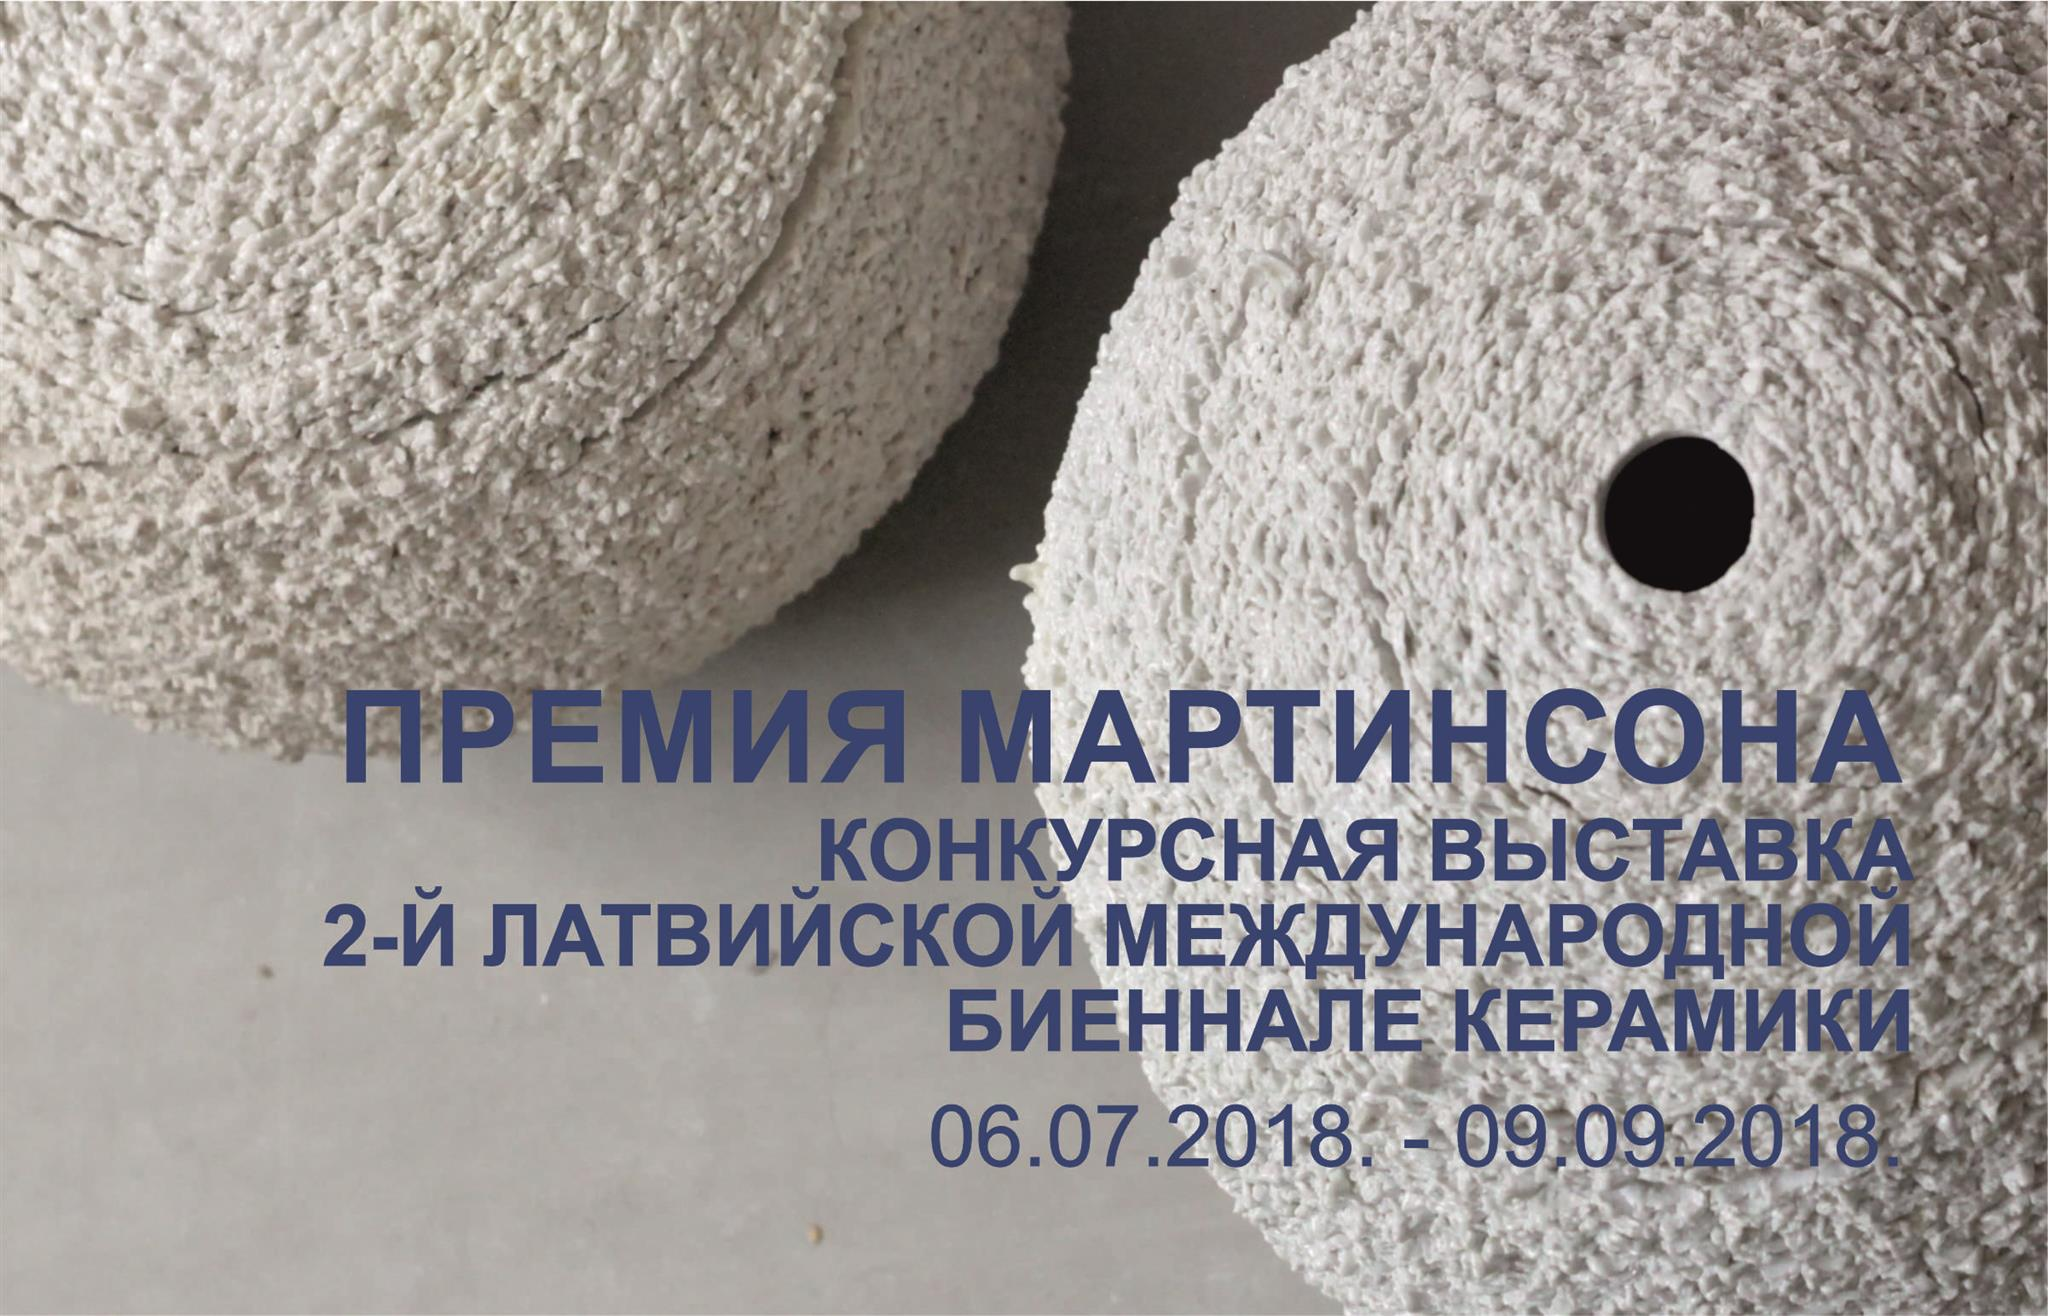 2-я Латвийская международная биеннале керамики